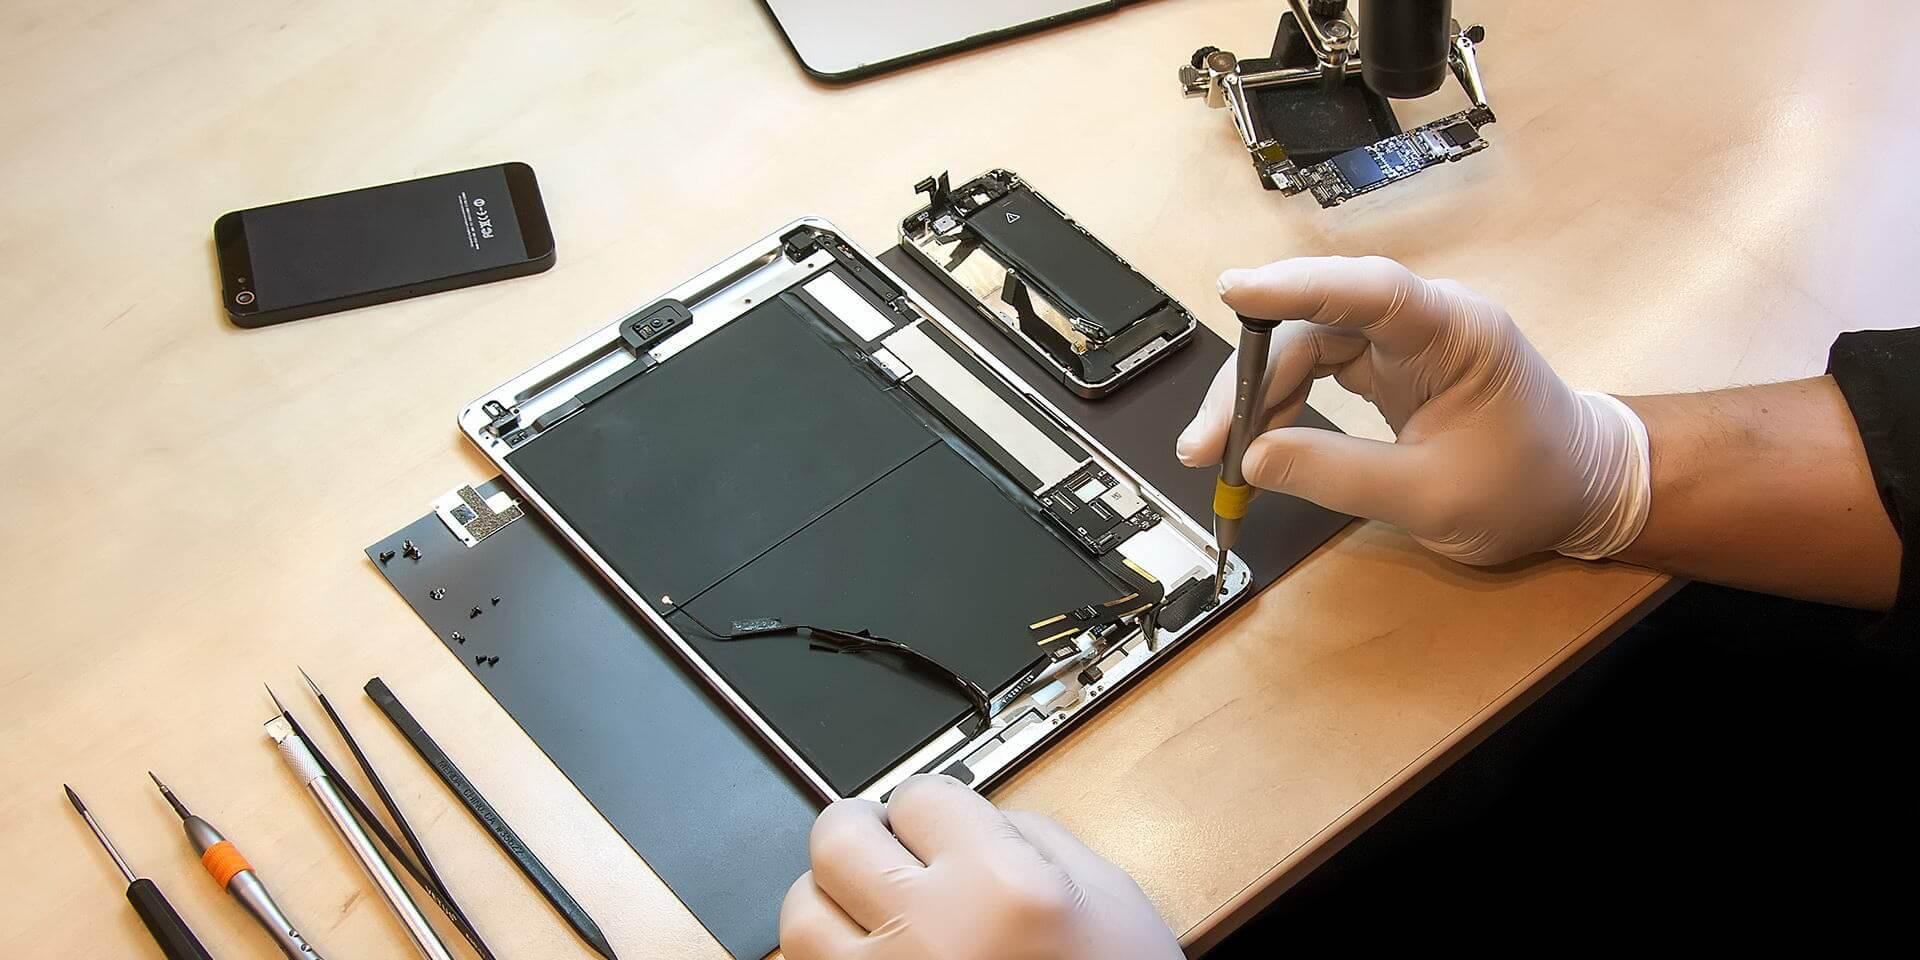 Reparo de aparelhos eletrônicos, é aqui, na ConsertaSmart!